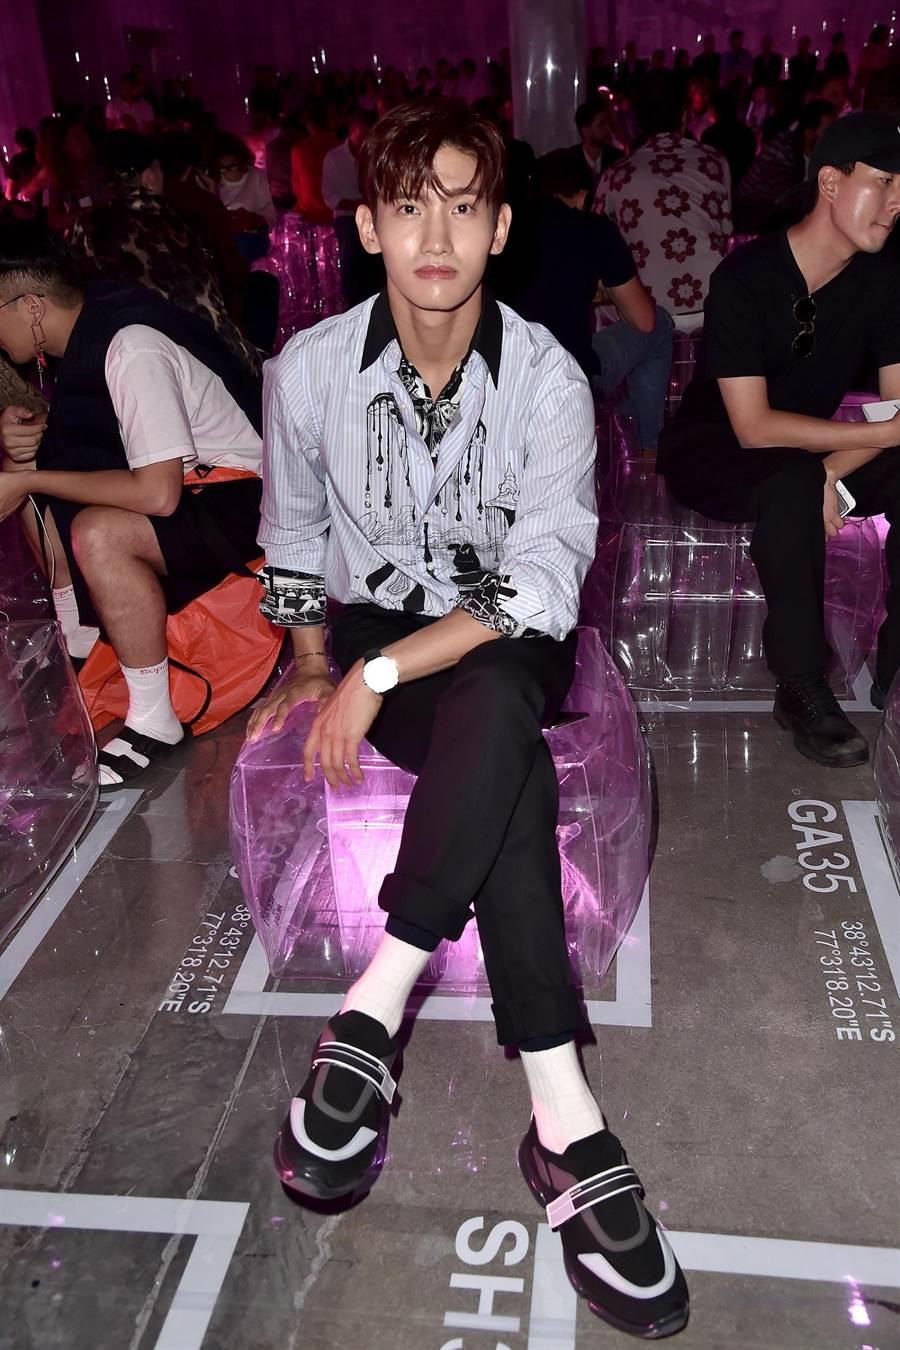 韓團東方神起成員沈昌珉以一襲品牌卡通印花襯衫及黑色長褲,簡約線條中展現出姣好身材比例。(PRADA提供)